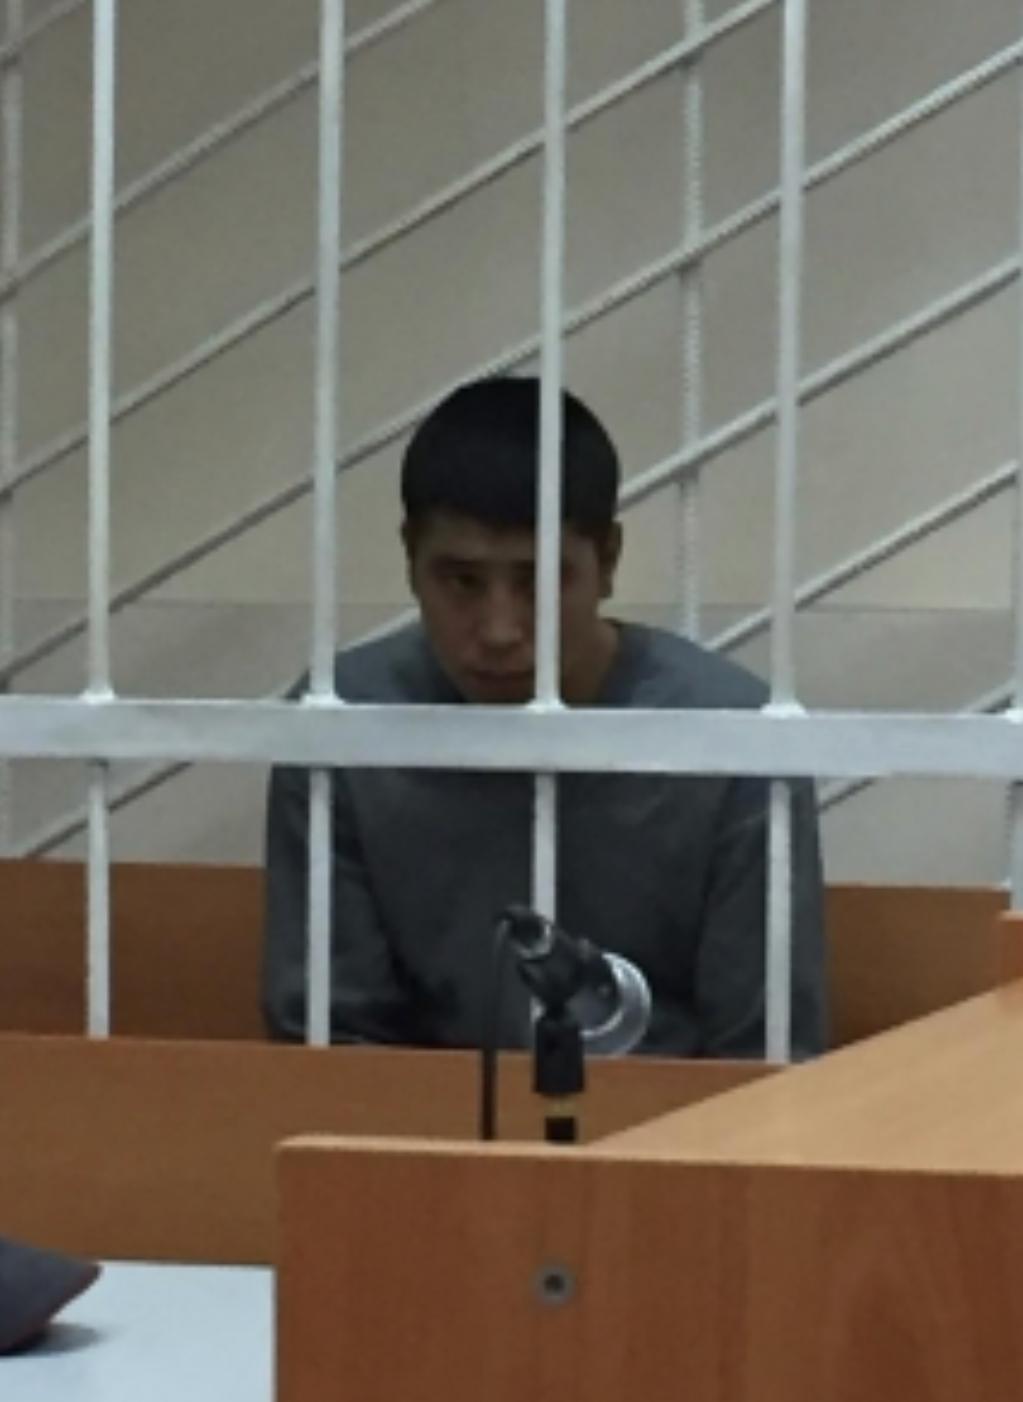 В Якутске подозреваемый в изнасиловании 18-летней девушки заключен под стражу